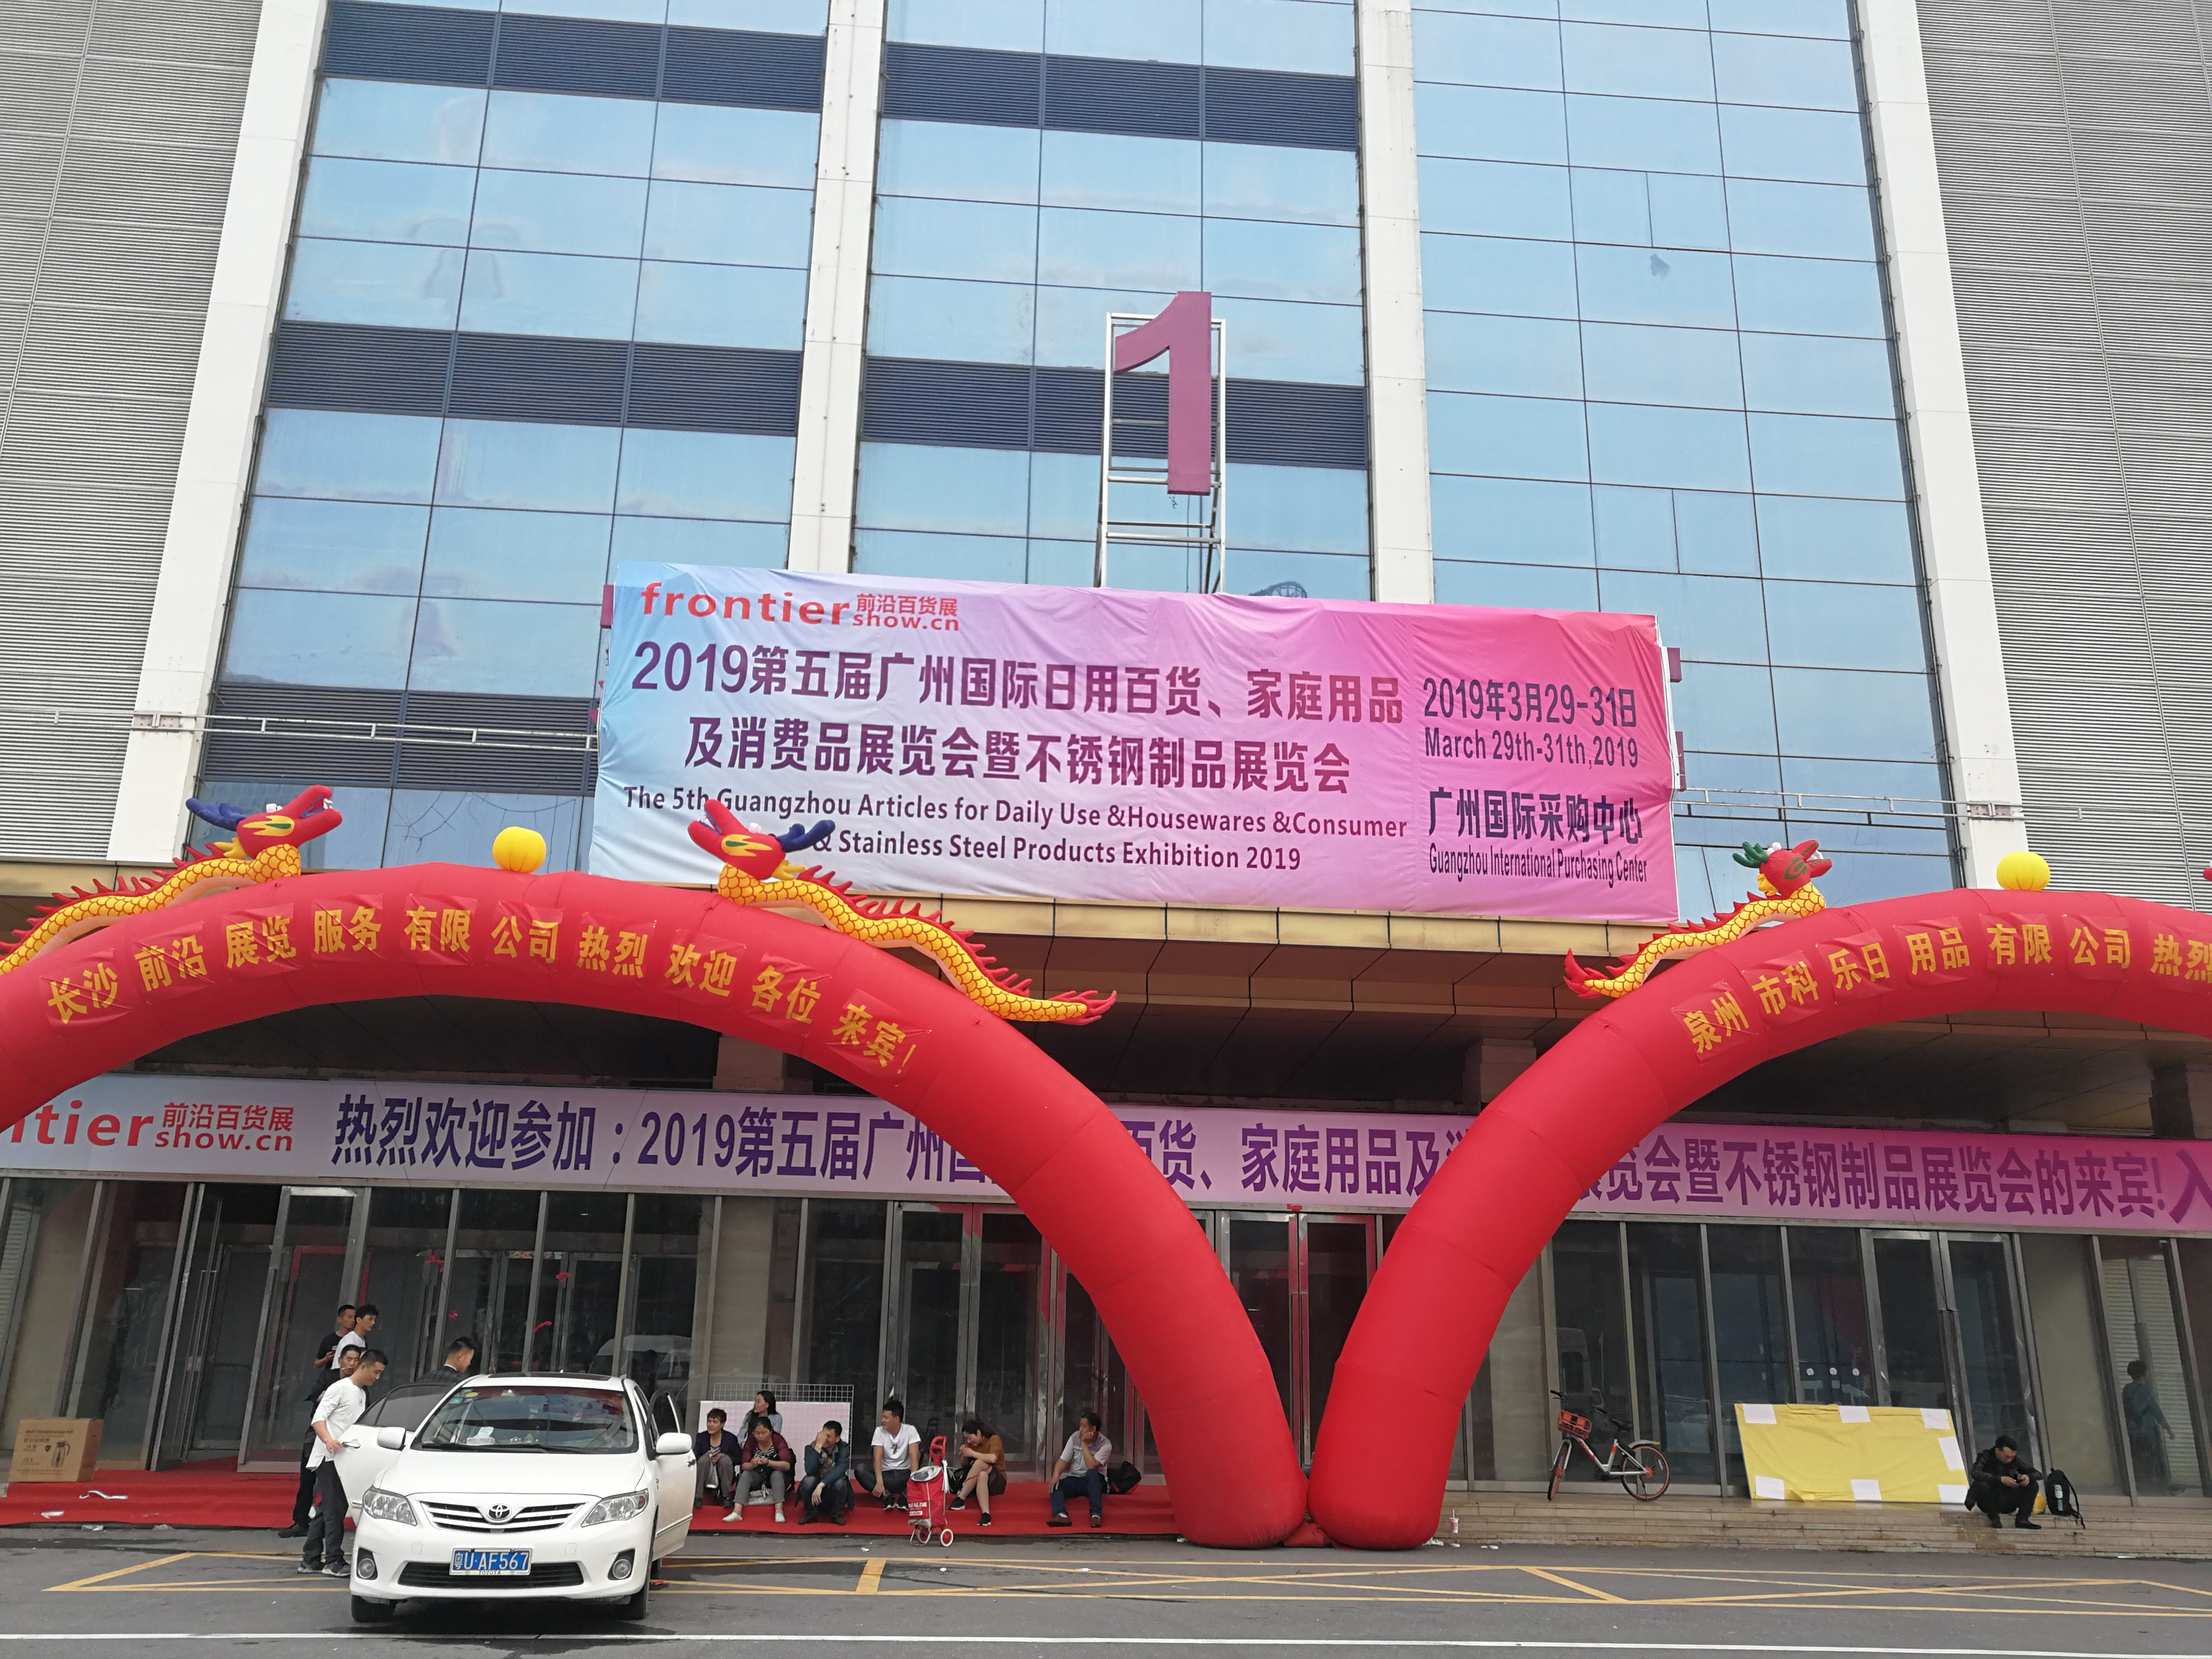 2020第6届广州国际日用百货、家居用品及不锈钢制品展览会 暨日化、纸品展览会